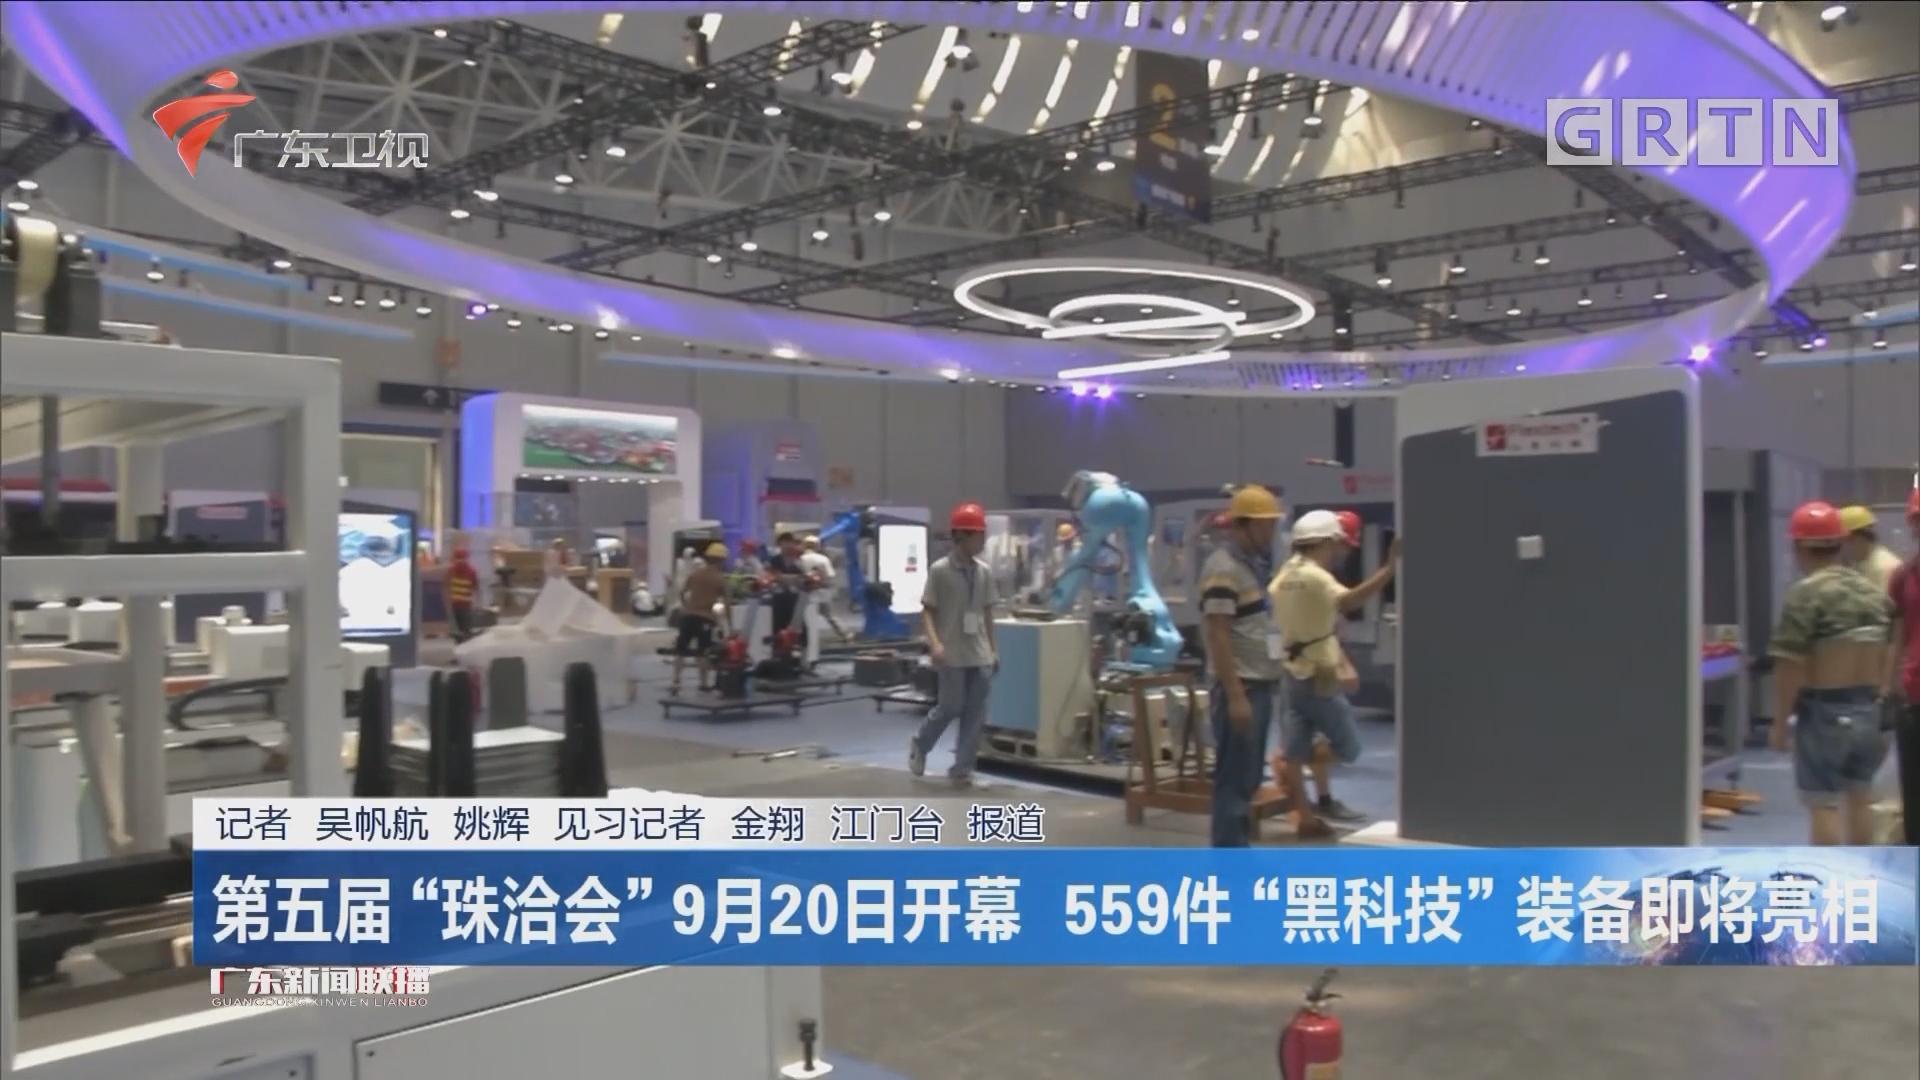 """第五届""""珠洽会""""9月20日开幕 559件""""黑科技""""装备即将亮相"""